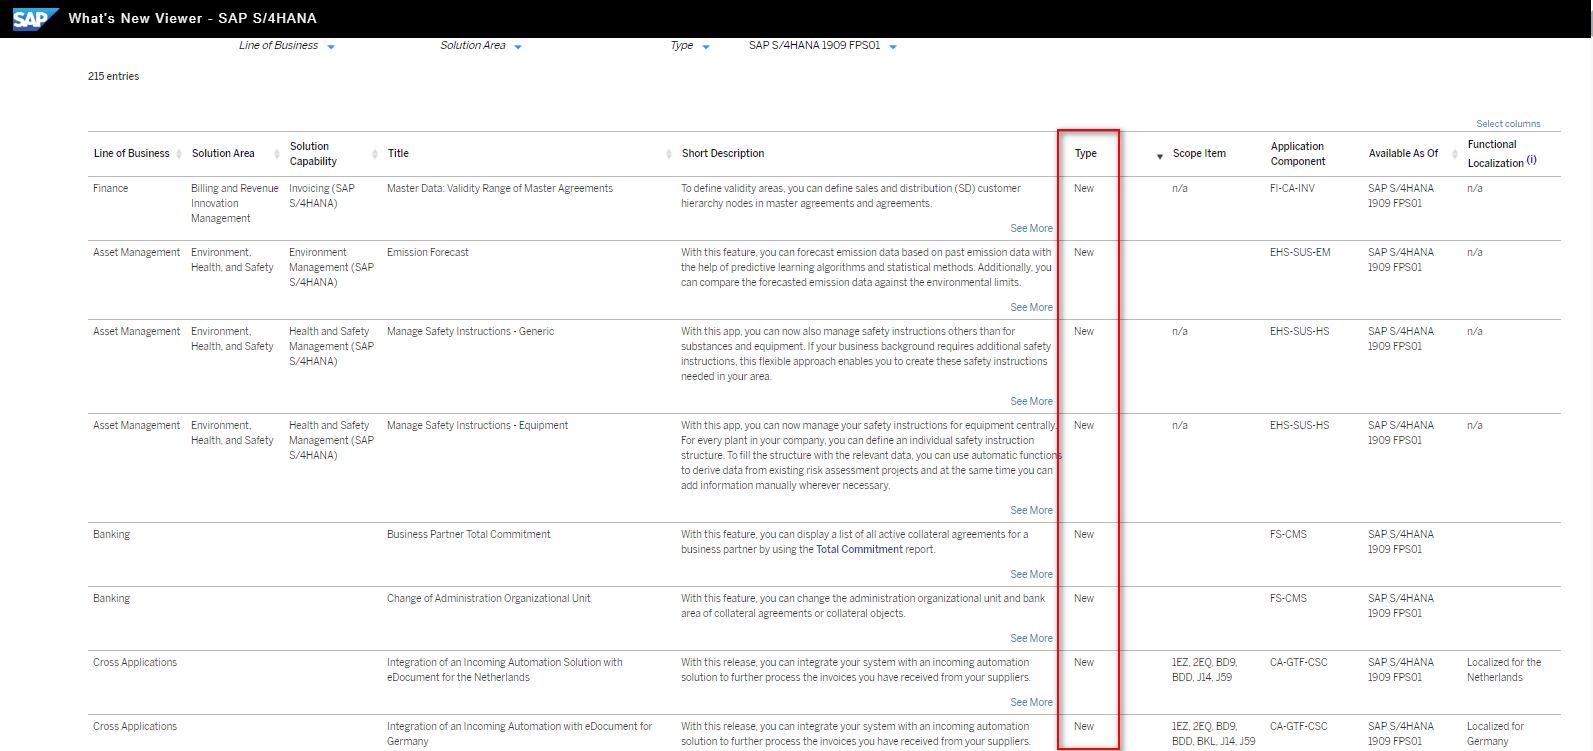 Blog Screen Whats new viewer Neue Funktionen - What's new viewer: Alle neuen und geänderten Funktionen von SAP S/4HANA auf einen Blick